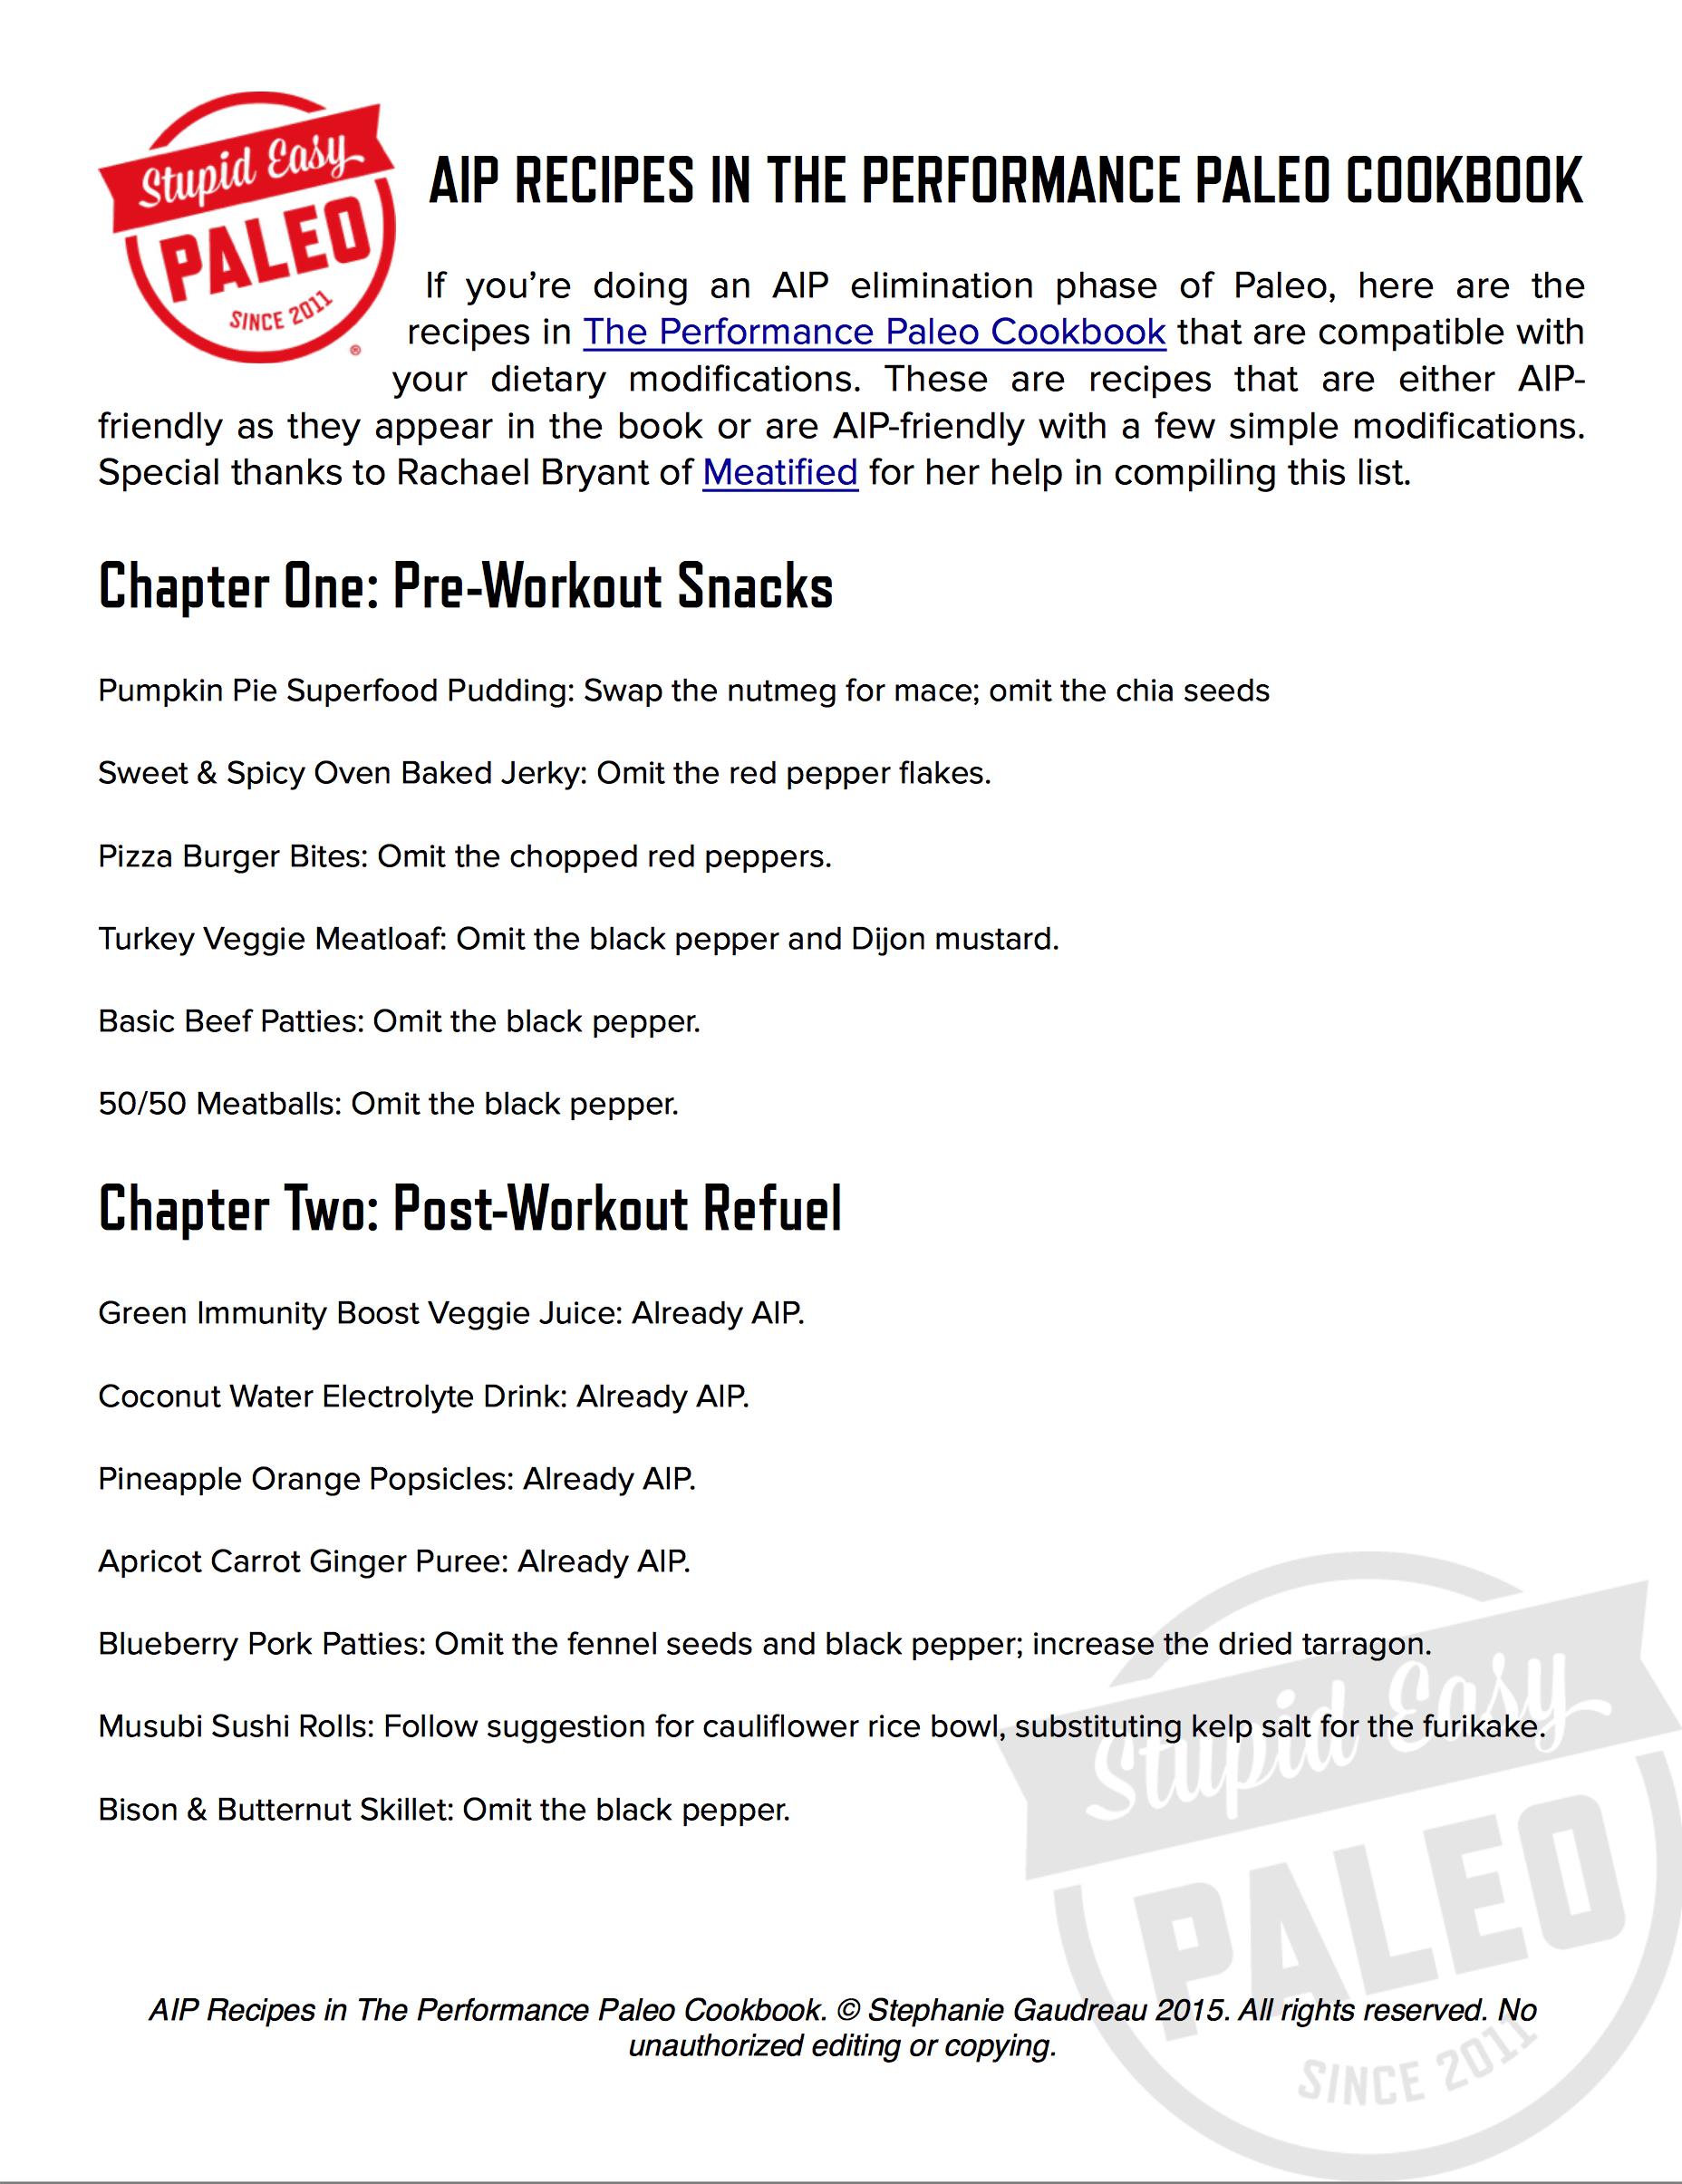 AIP Recipes in The Performance Paleo Cookbook   stephgaudreau.com